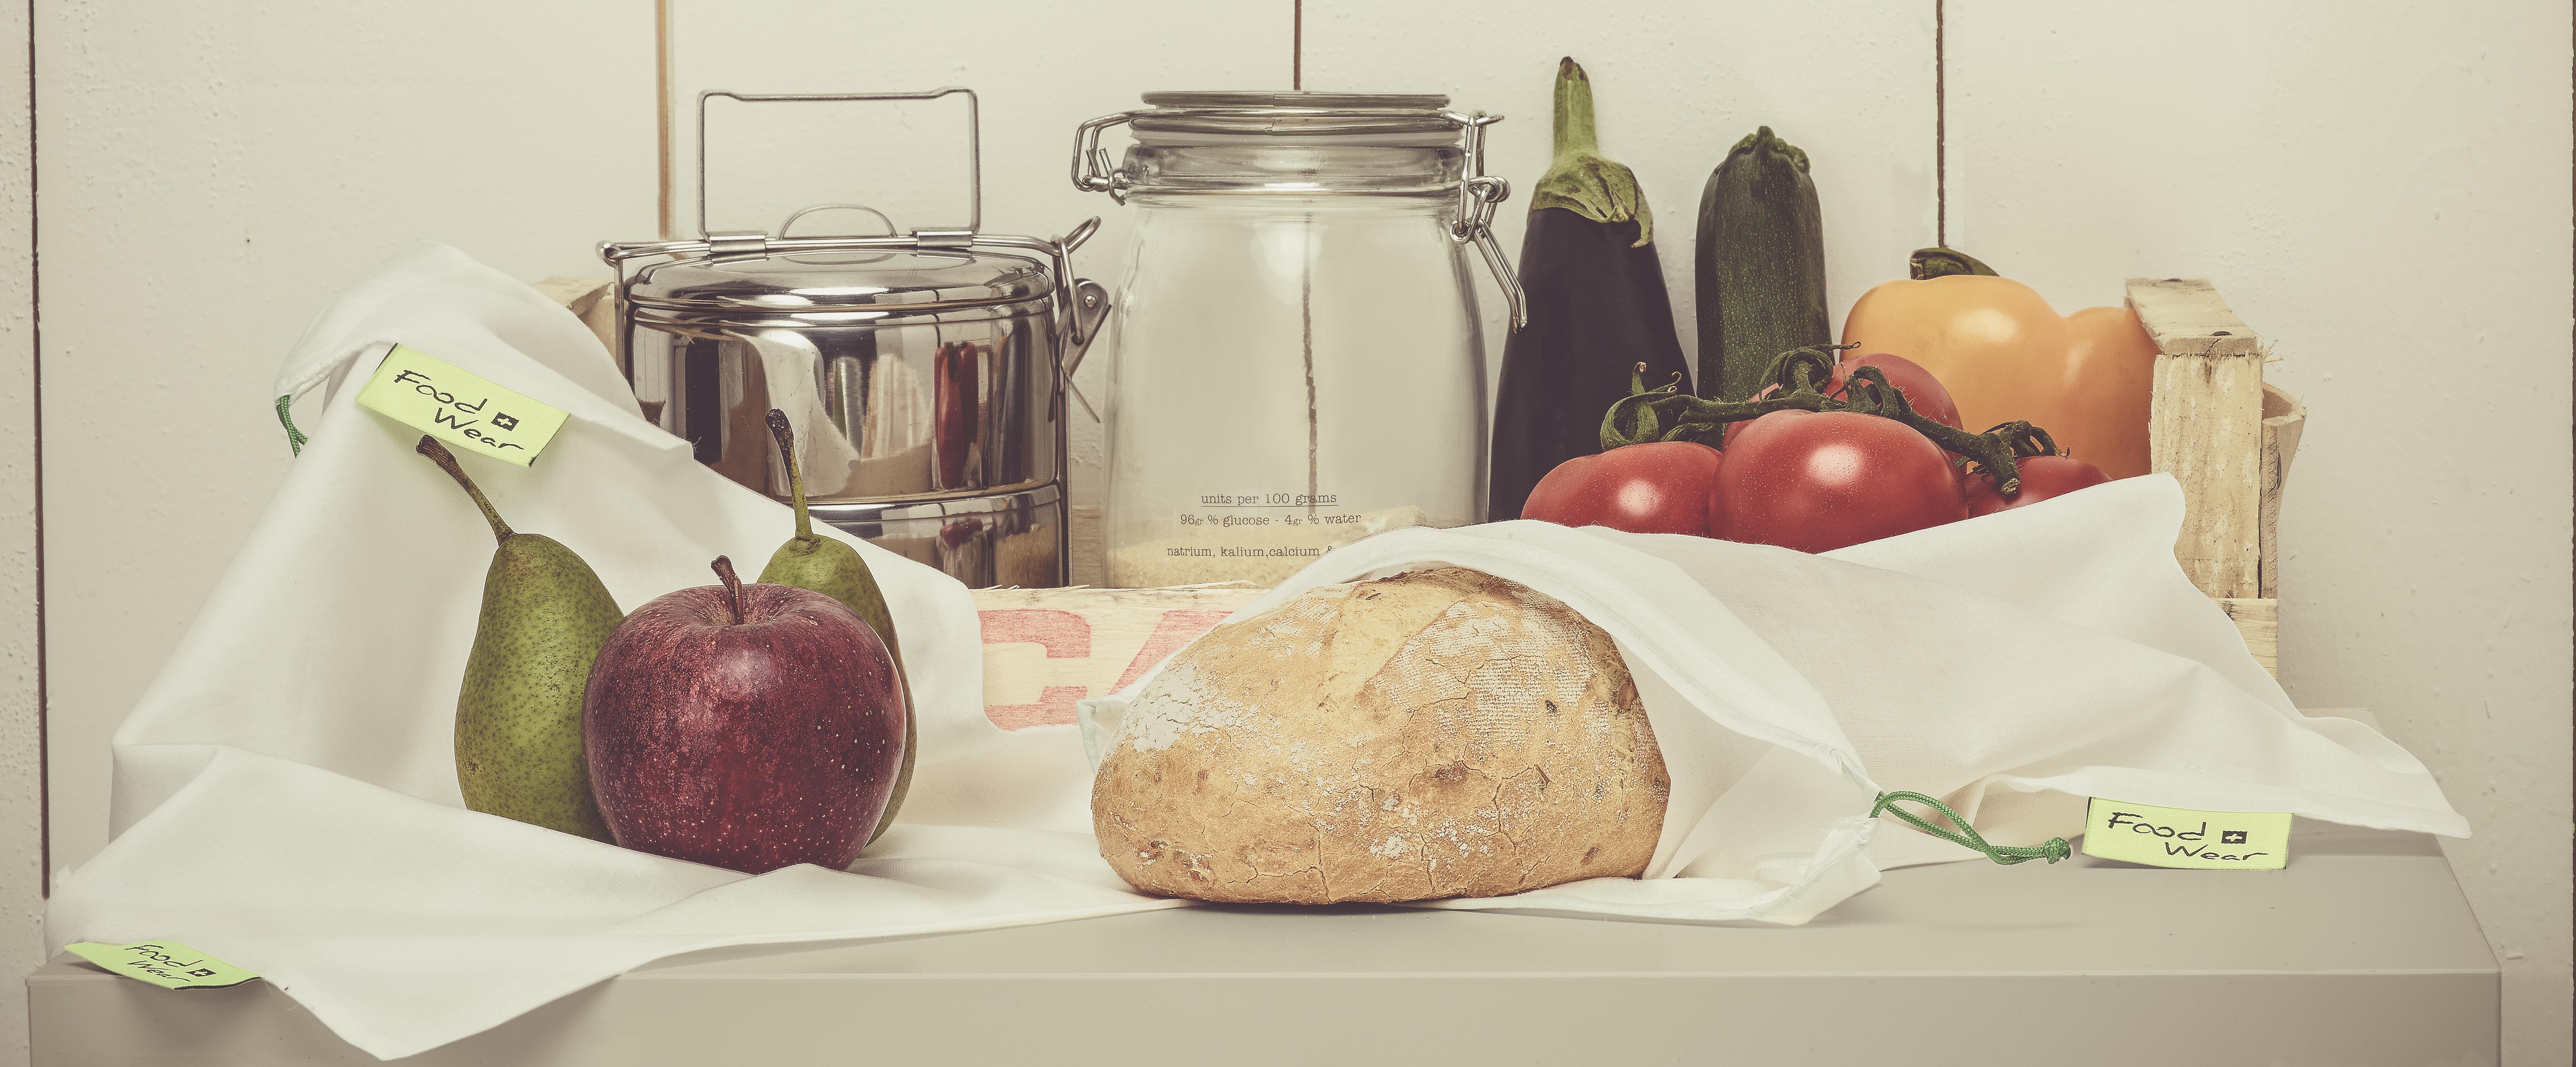 food-wear-1.jpg